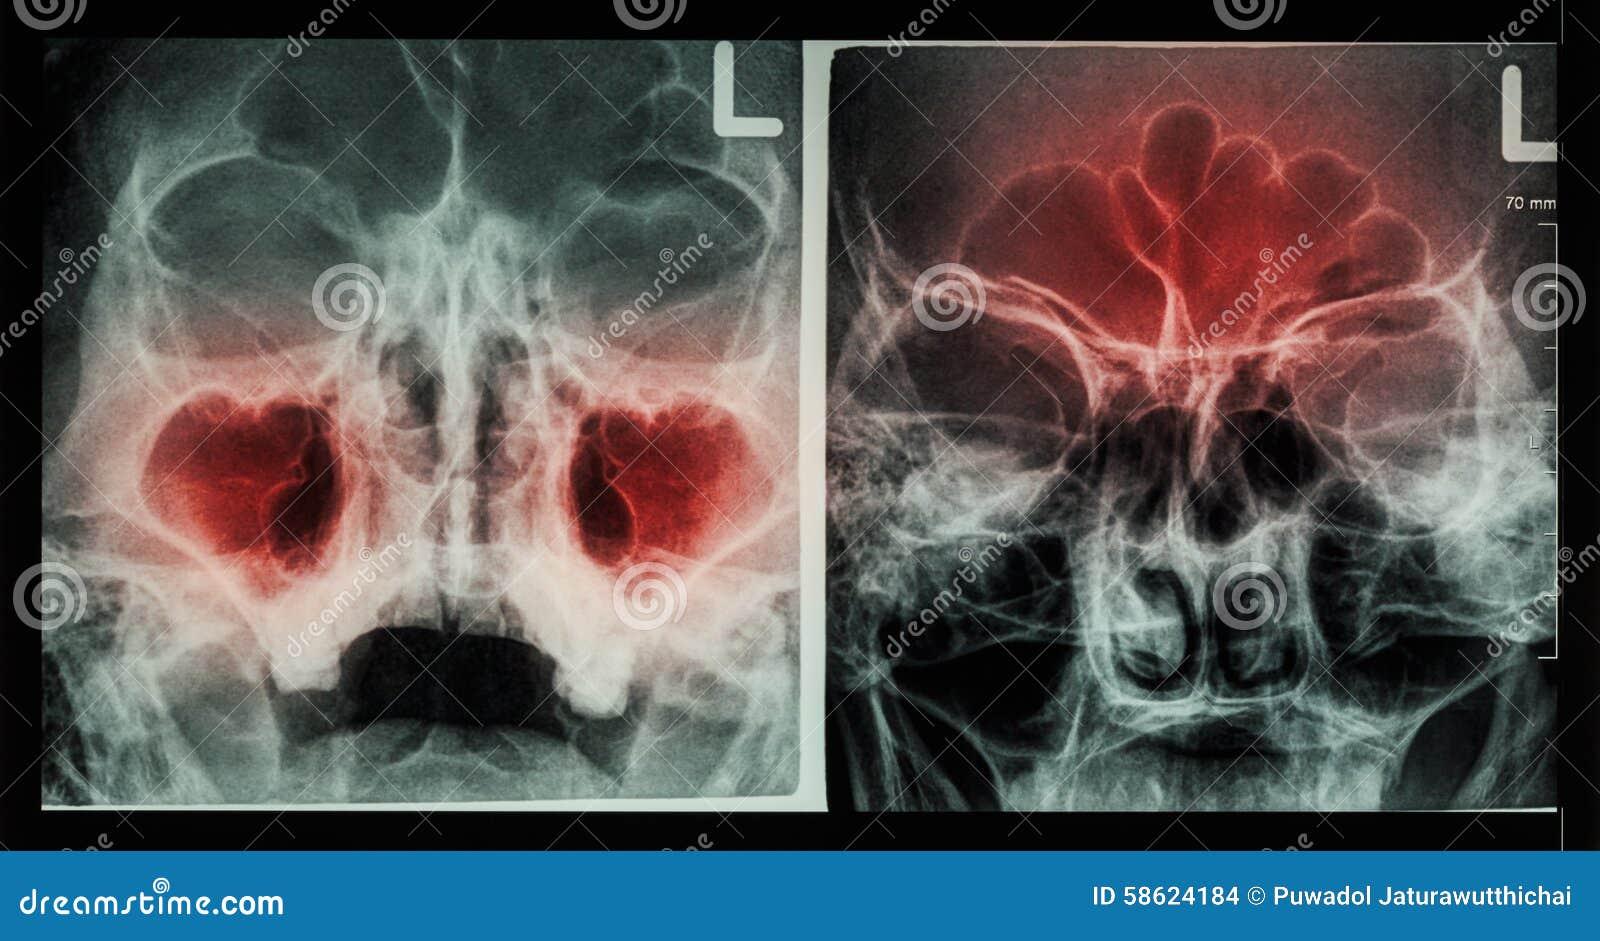 Sino paranasal de la radiografía de la película: muestre la sinusitis en el sino maxilar (dejó imagen), sino frontal (la imagen c